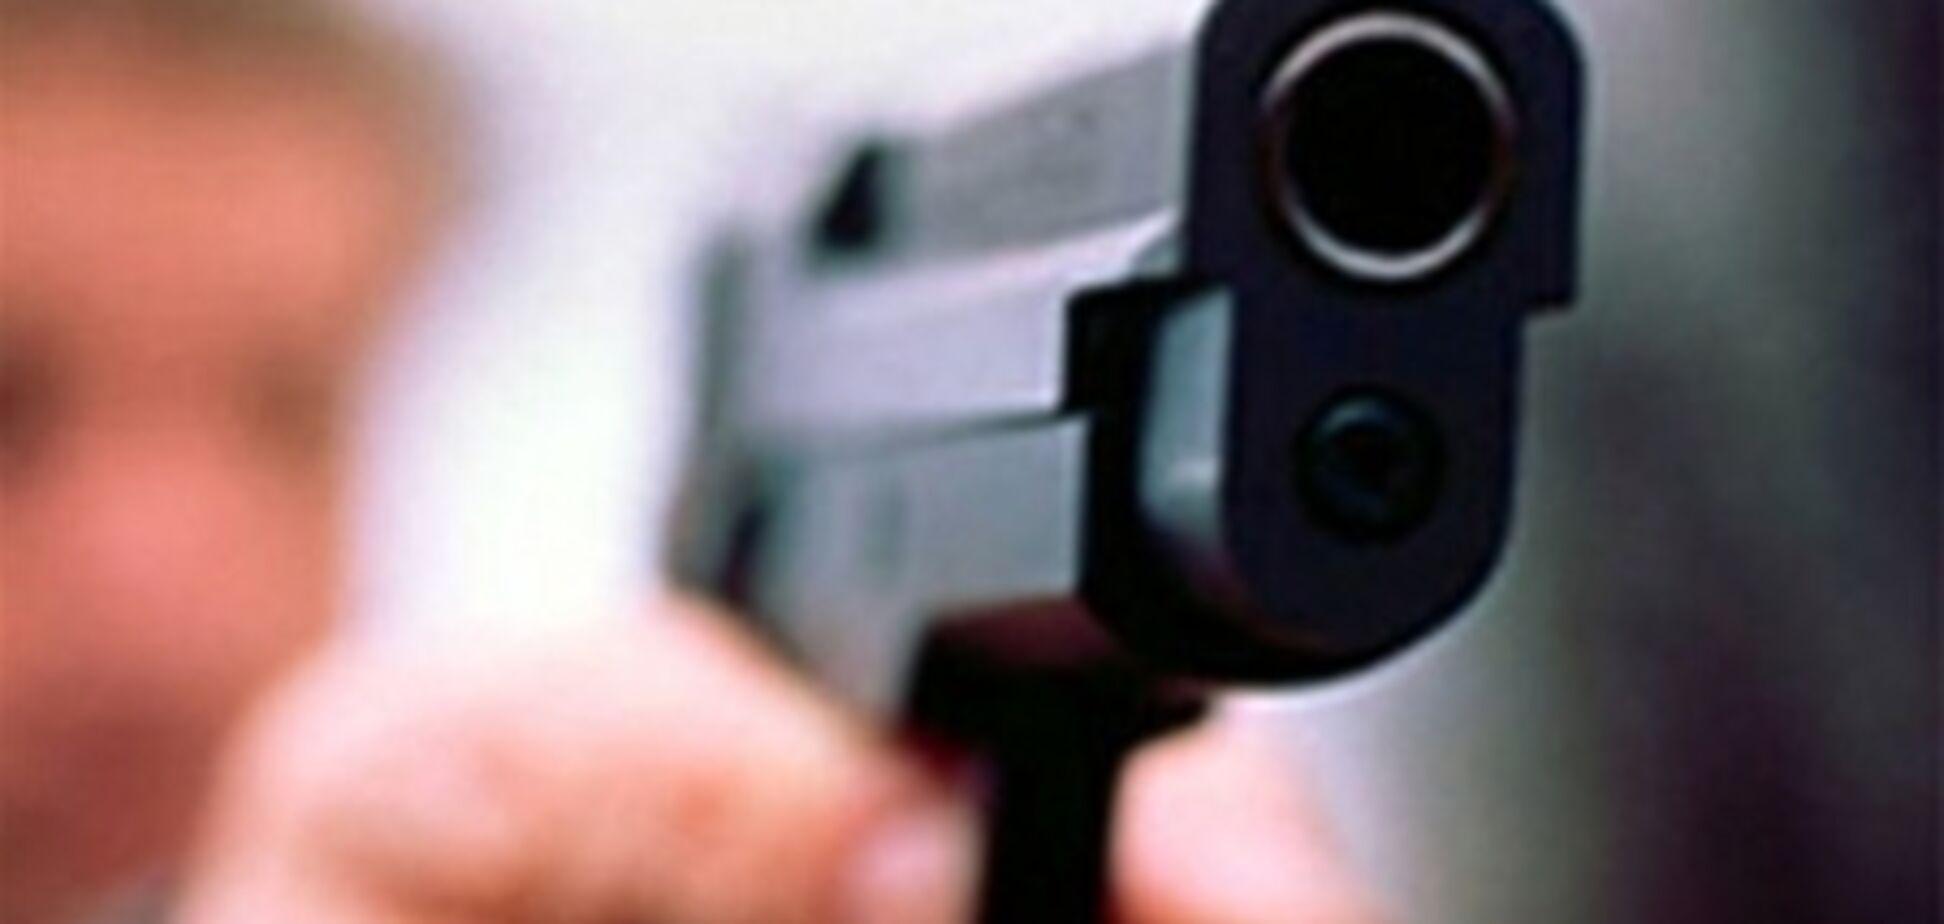 Бізнесмен, захищаючи будинок, убив трьох грабіжників